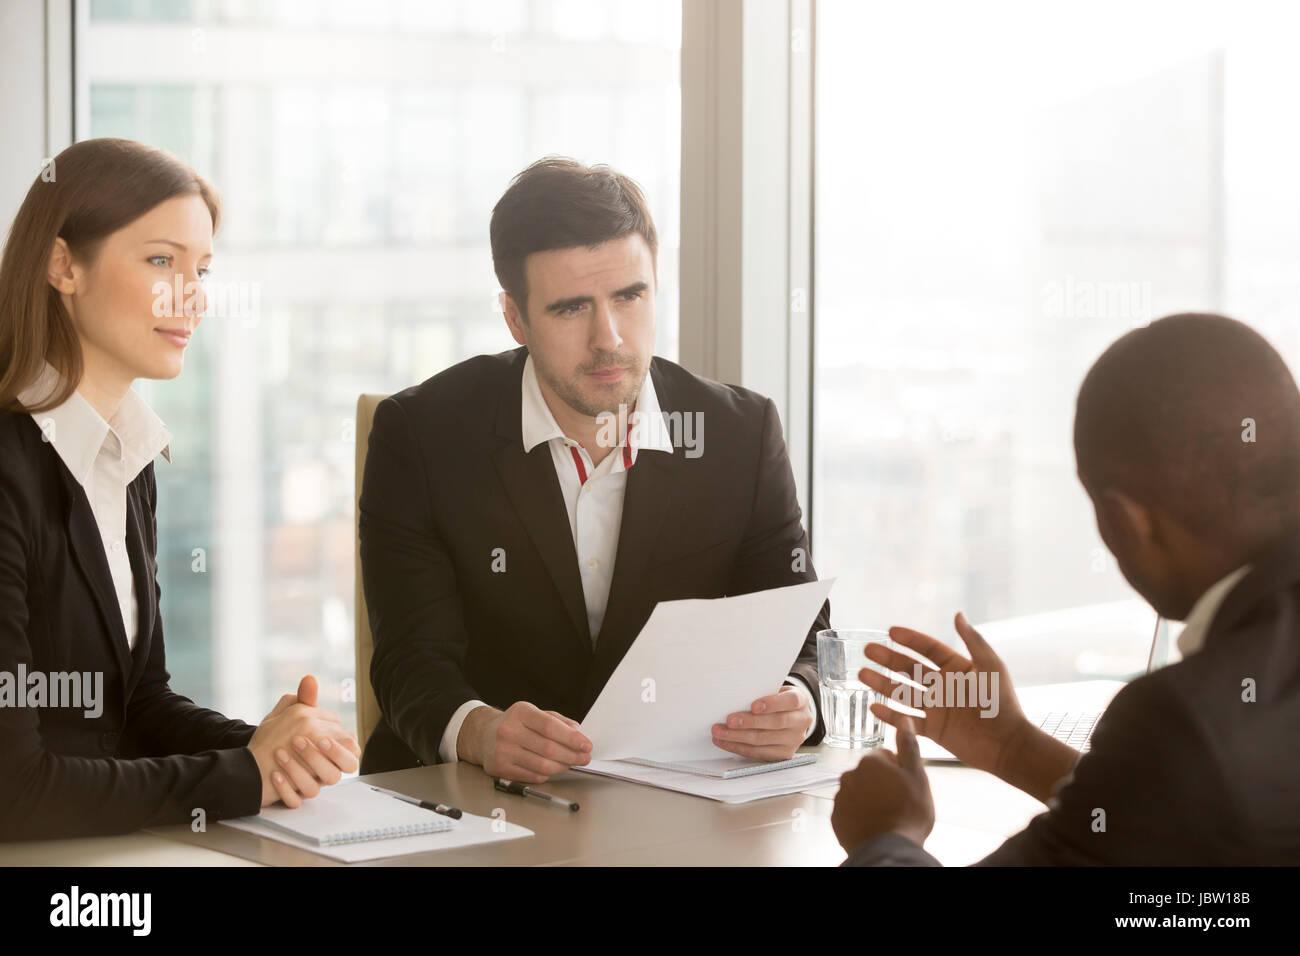 Imprenditore nero cercando di convincere white dubbia partner a firmare il documento, trattative su contratto, discutendo Foto Stock